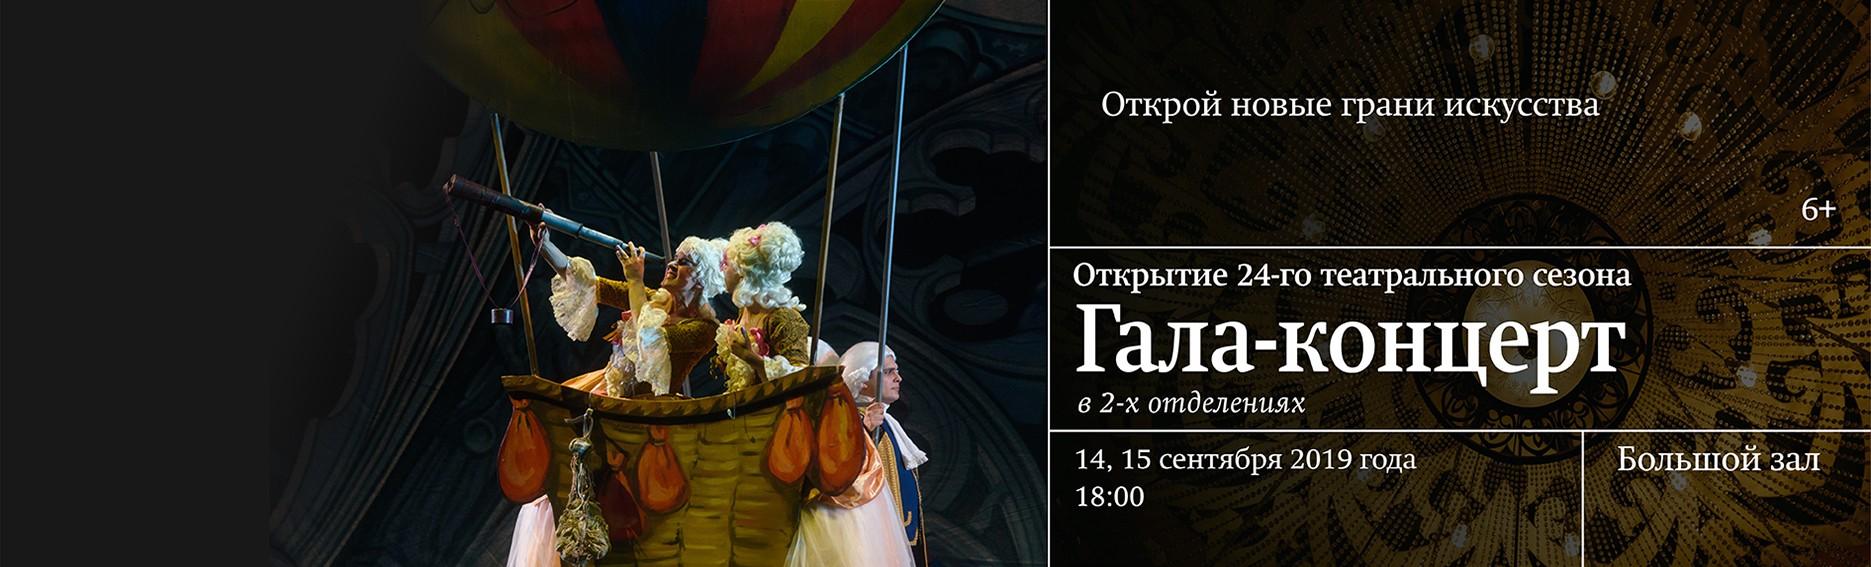 Гала-концерт. Открытие 24 театрального сезона.